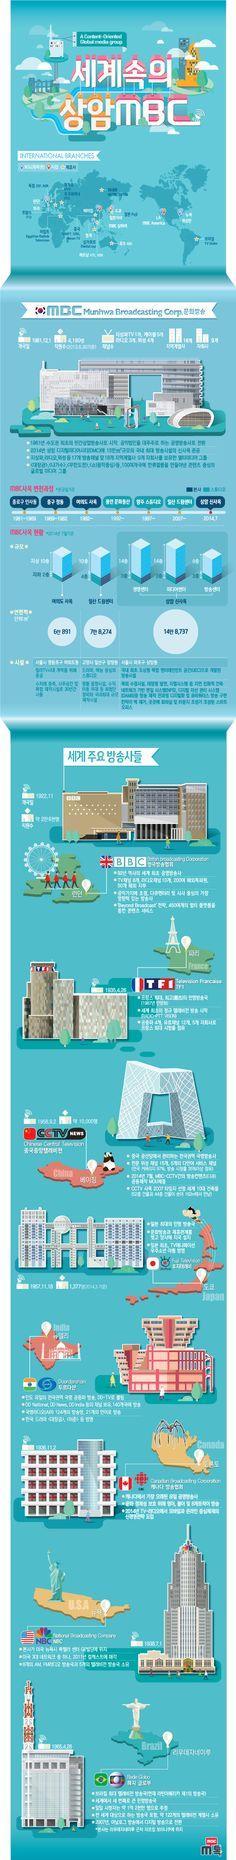 한눈에 보는 상암 MBC 신사옥과 세계의 유명 방송사들에 관한 인포그래픽